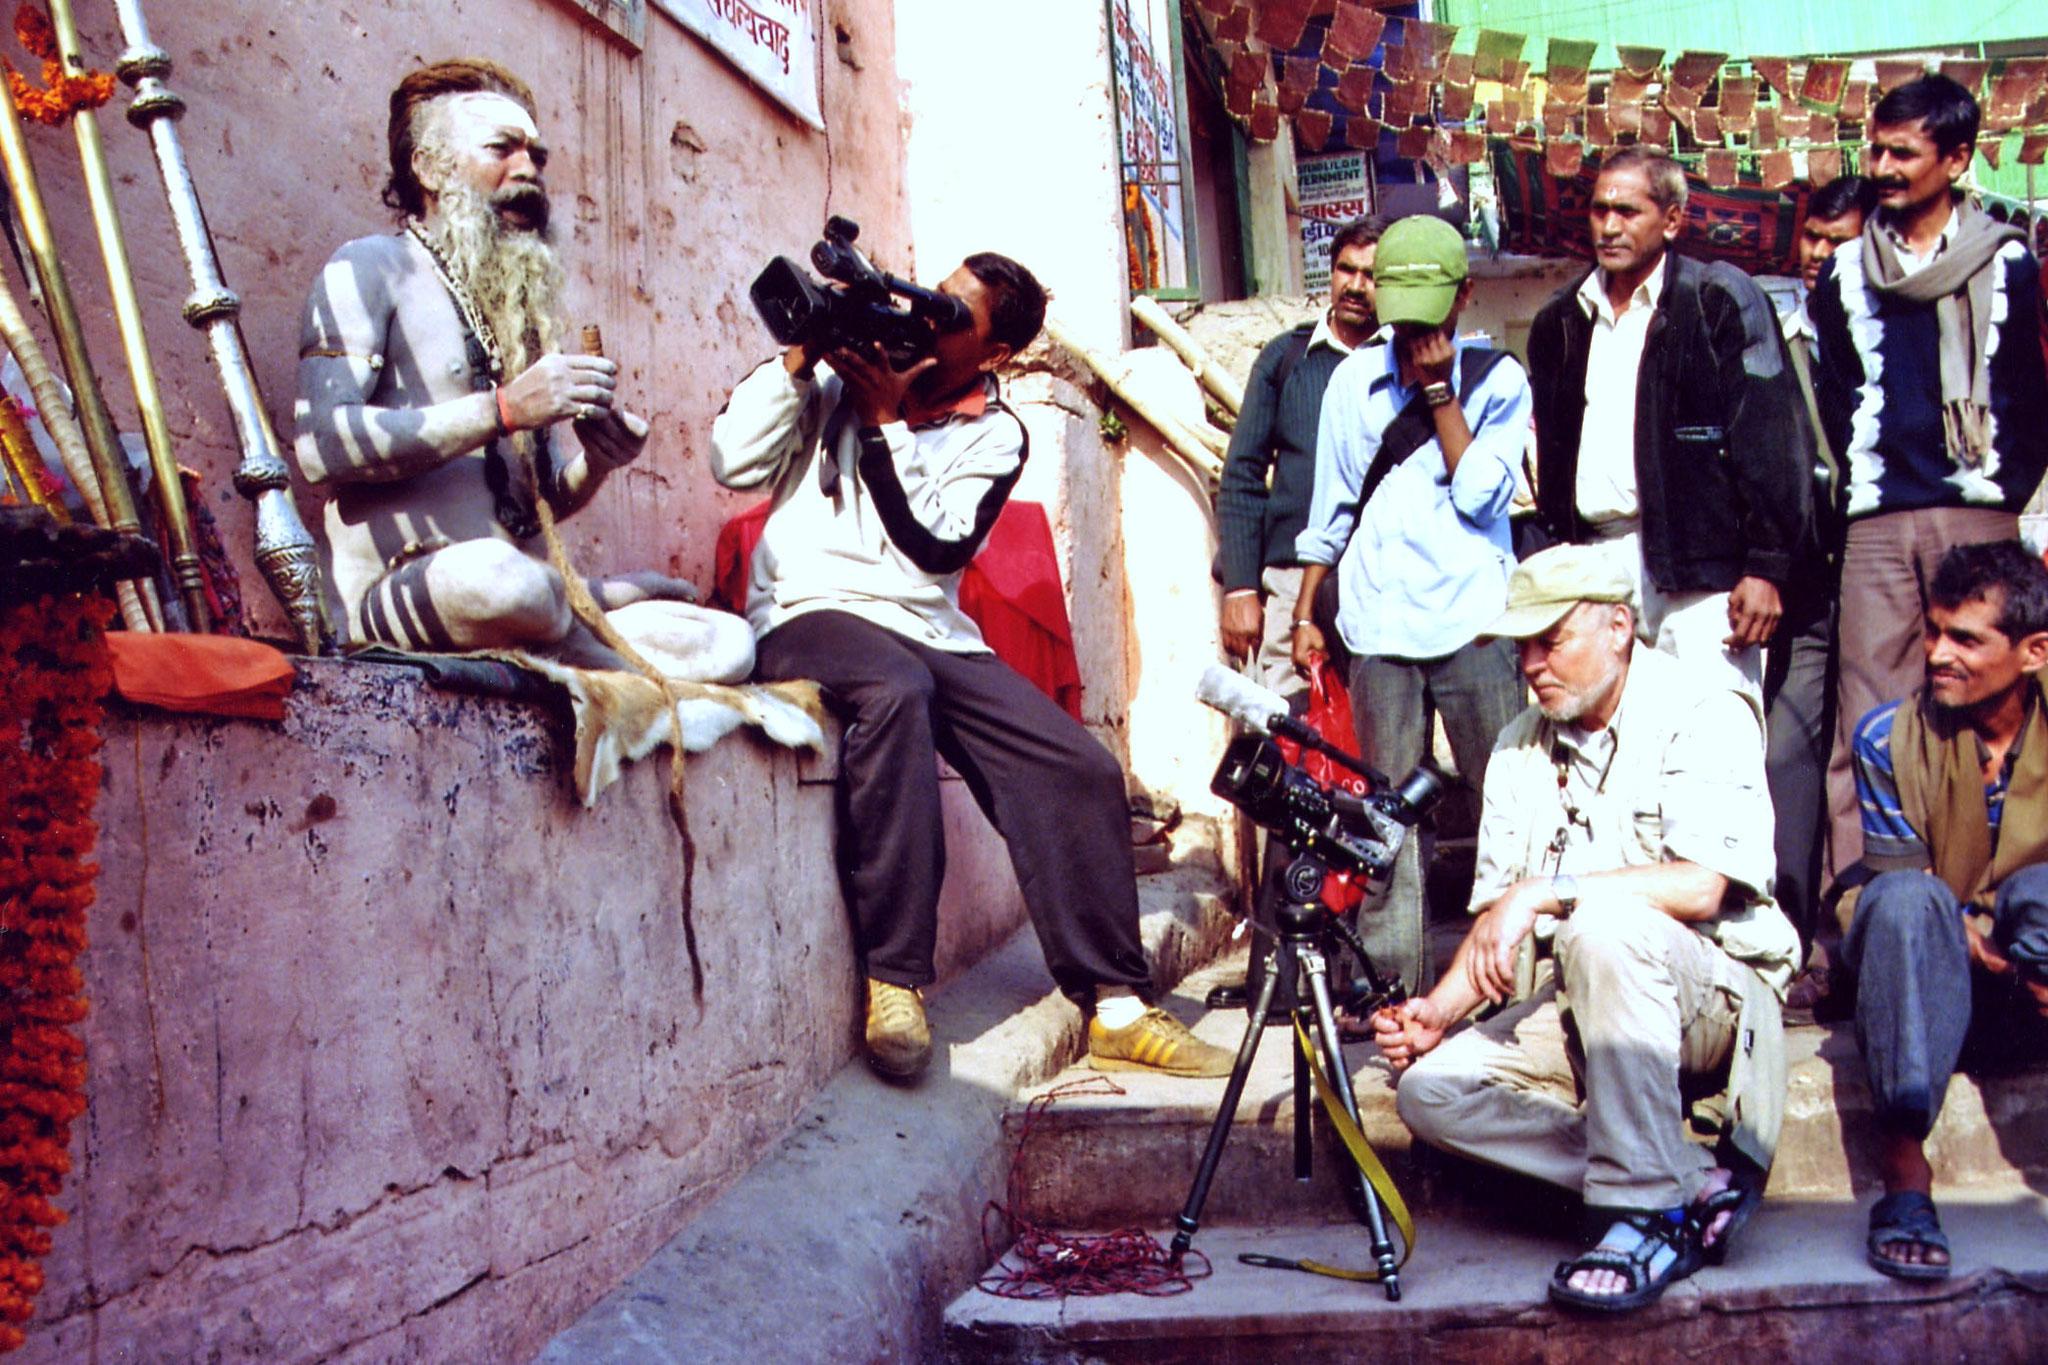 Zum Beispiel Indien - Am Ganges - holy man